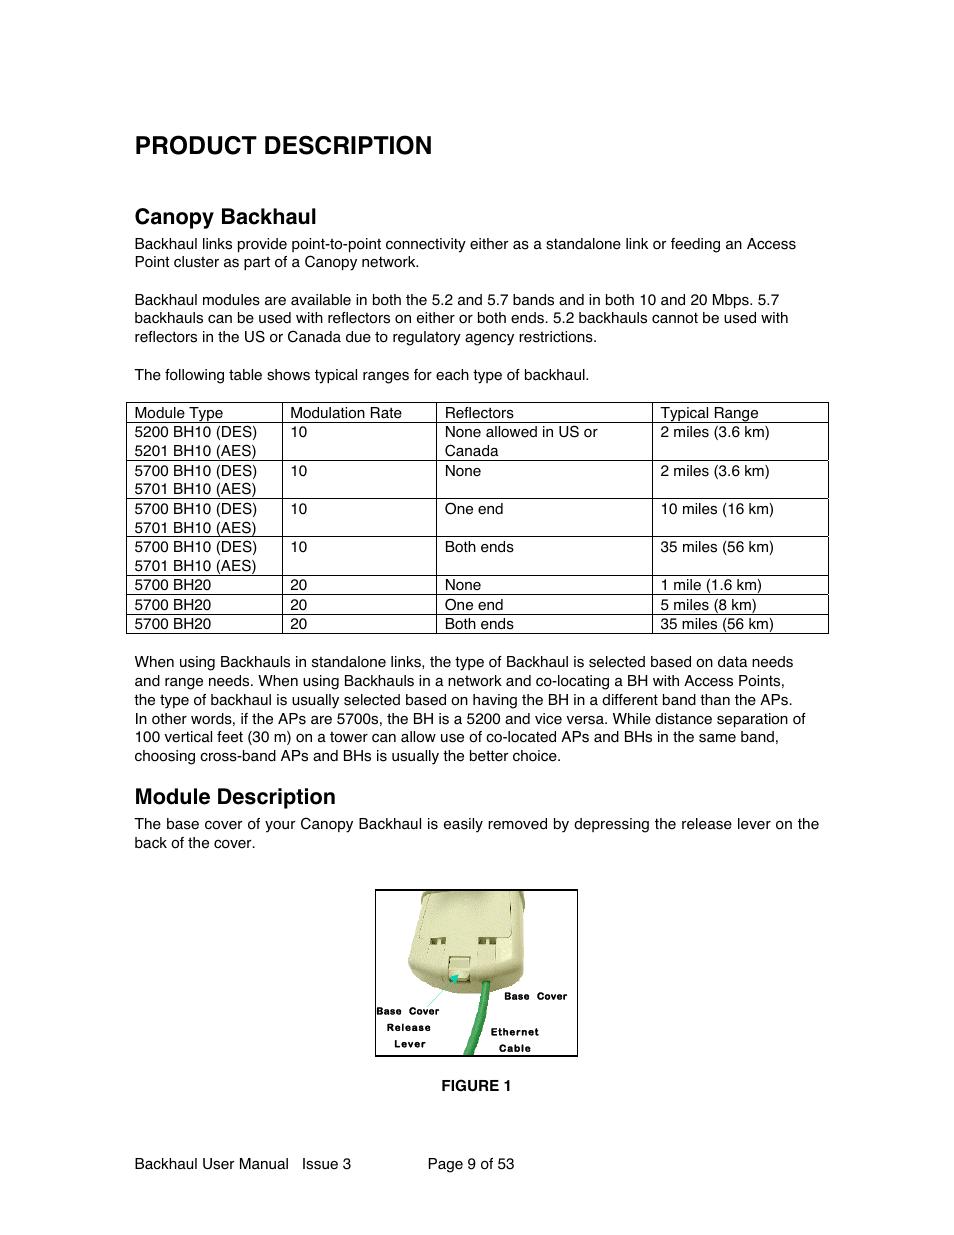 Product description Canopy backhaul Module description | Motorola Canopy Backhaul Module User Manual | Page 9 / 53  sc 1 st  manualsdir.com & Product description Canopy backhaul Module description | Motorola ...